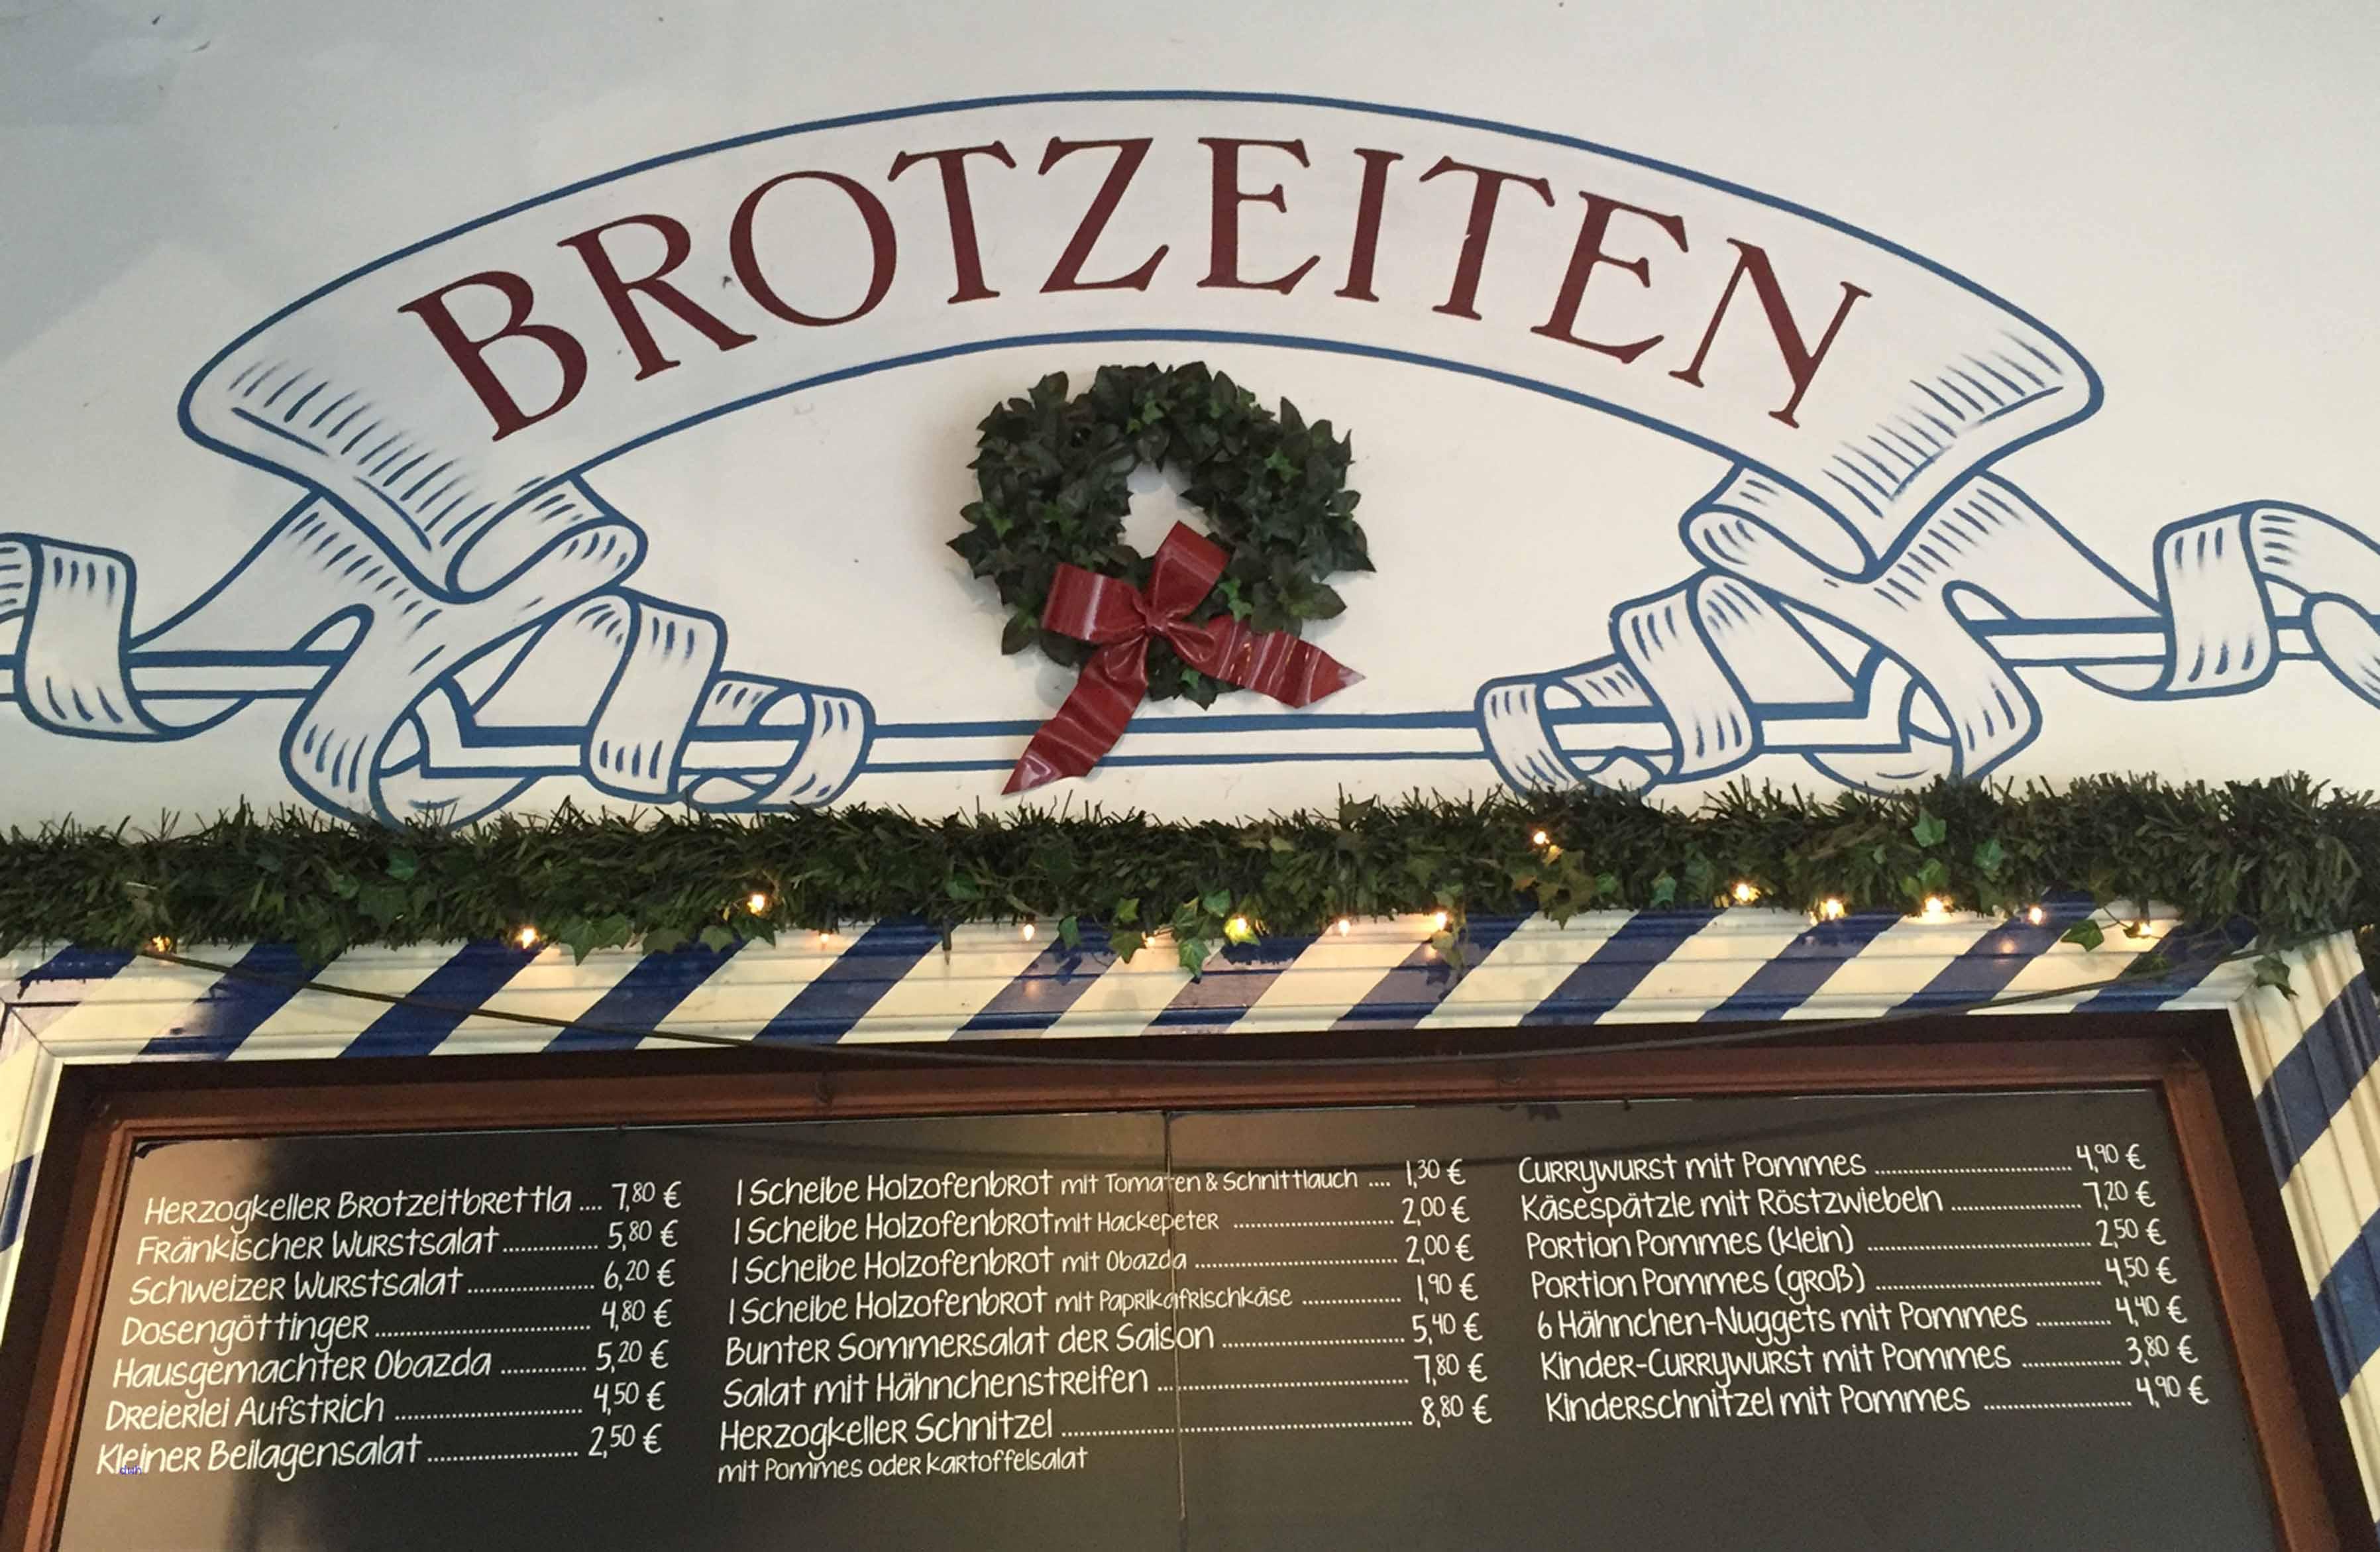 Brotzeit im Herzogkeller von Bayreuth